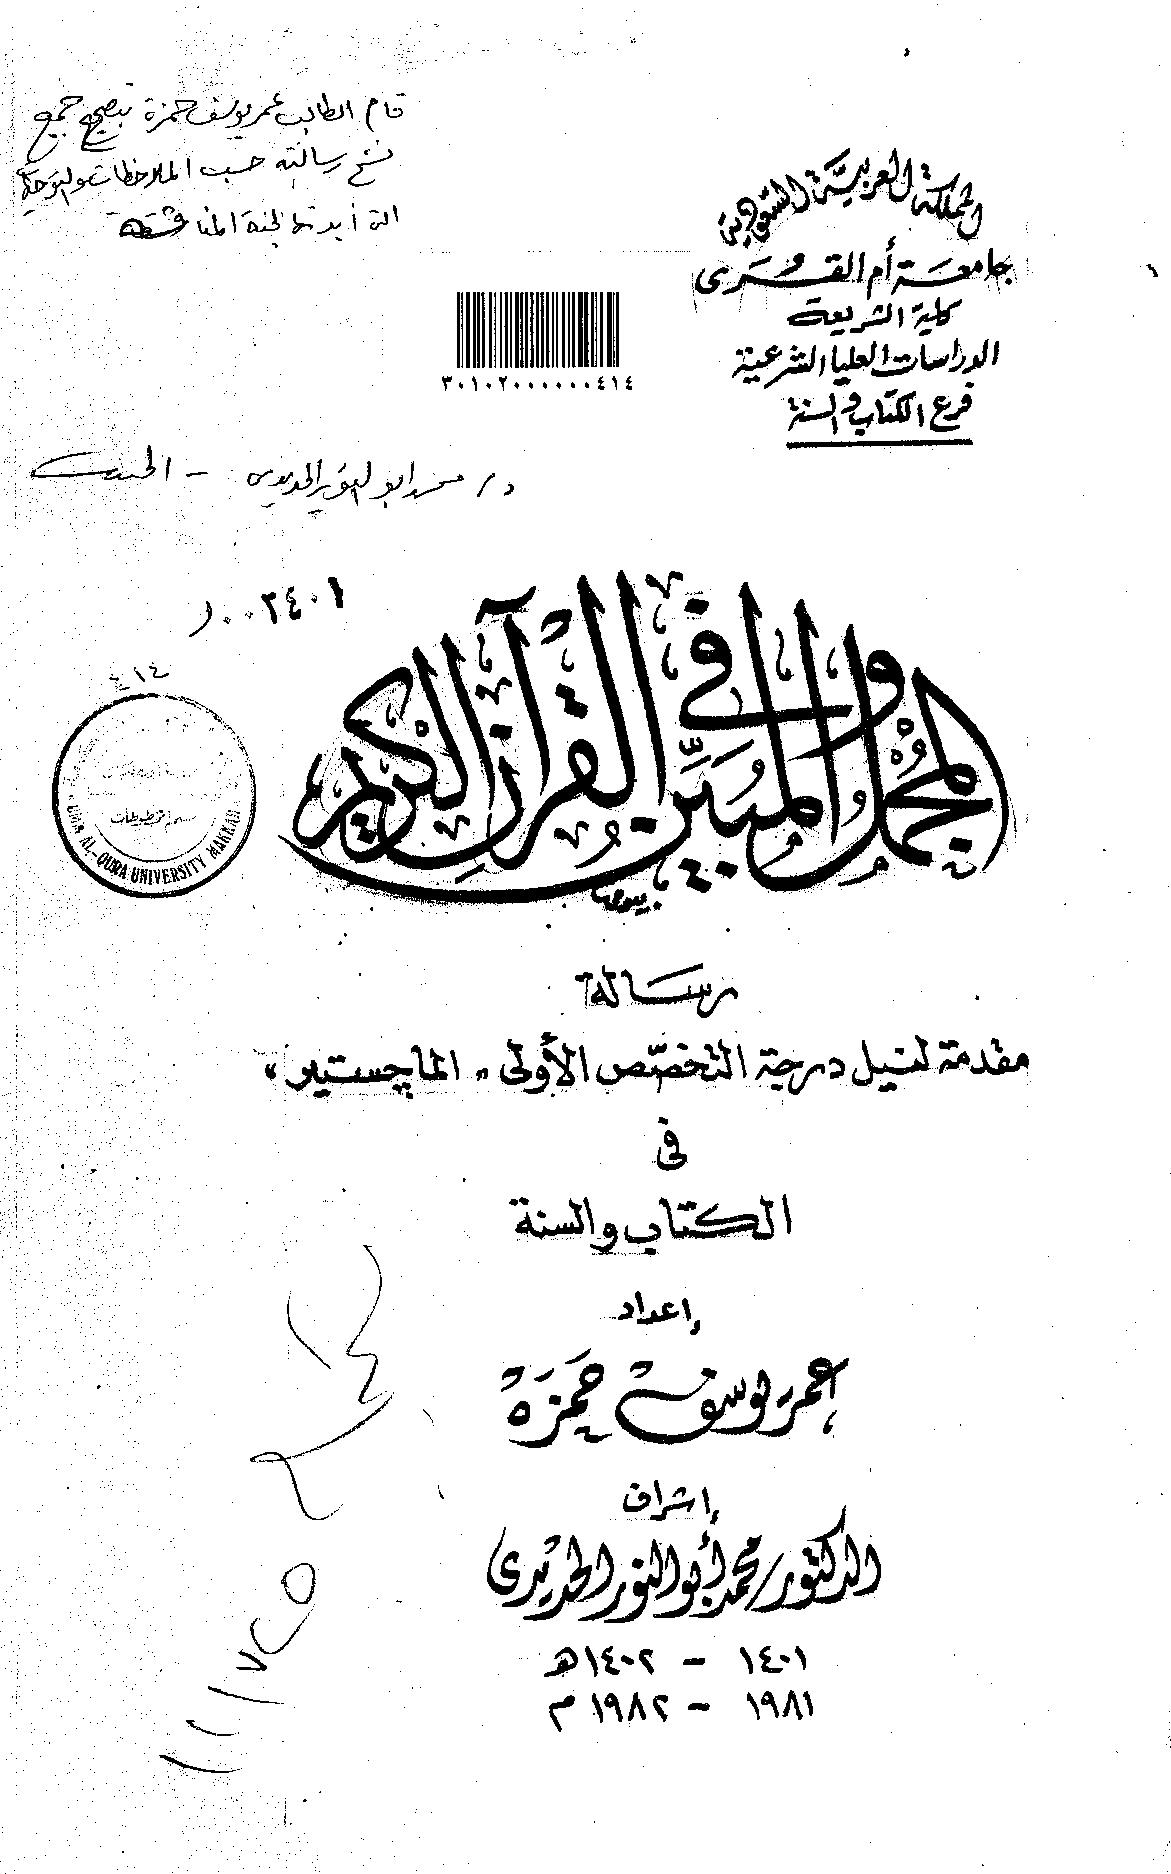 المجمل والمبين في القرآن الكريم - عمر يوسف حمزة